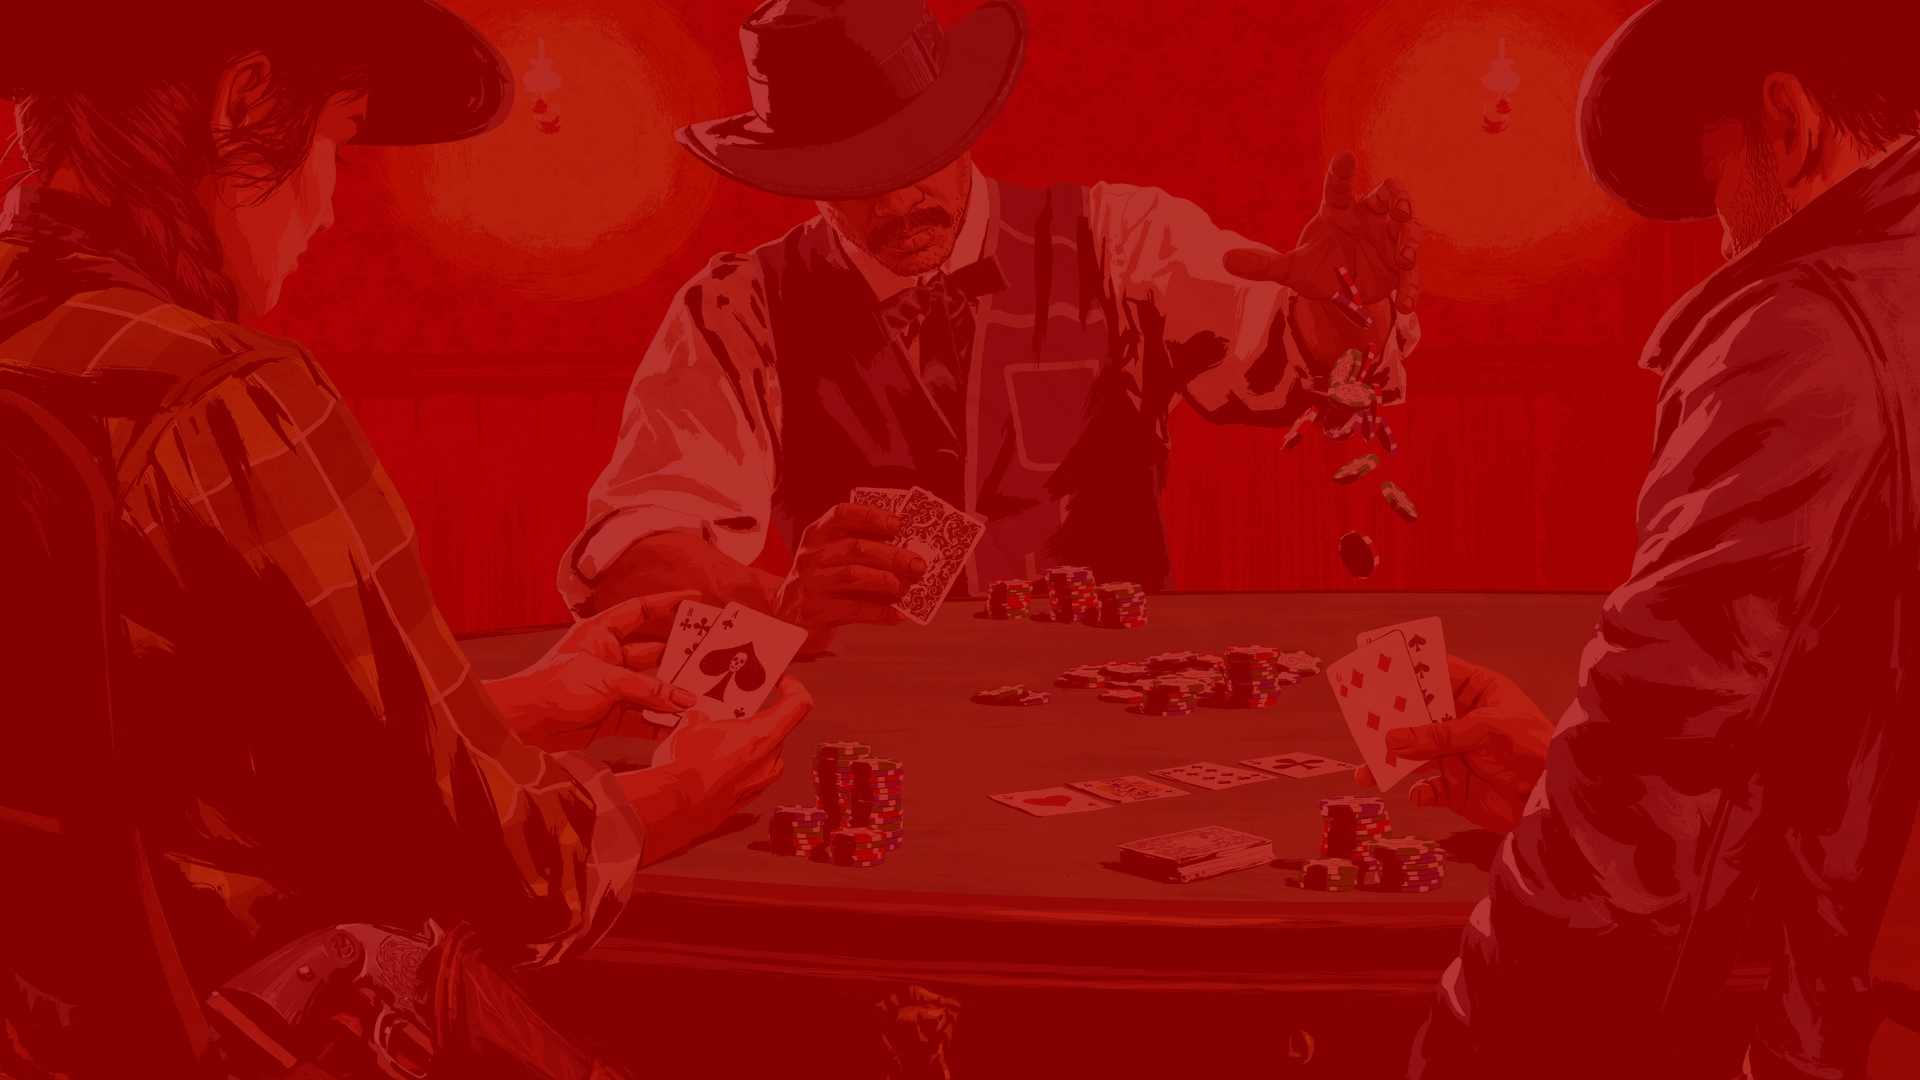 Bannière Red Dead Online